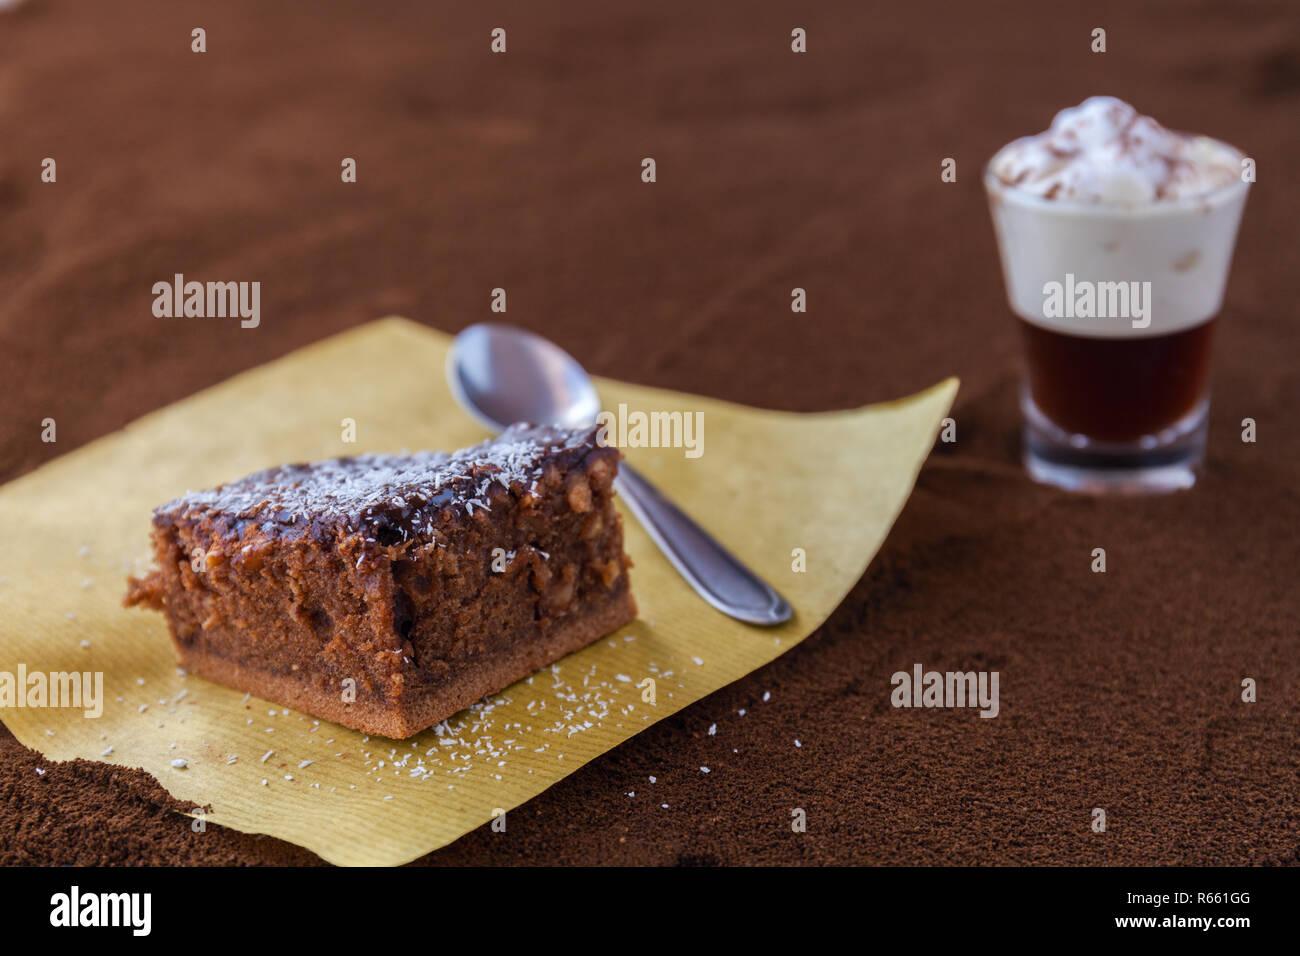 Poco taza de piccolo latte macchiato sobre una mesa cubierta con café molido como fondo y Brownie de chocolate con crema de cacao y virutas de coco Foto de stock